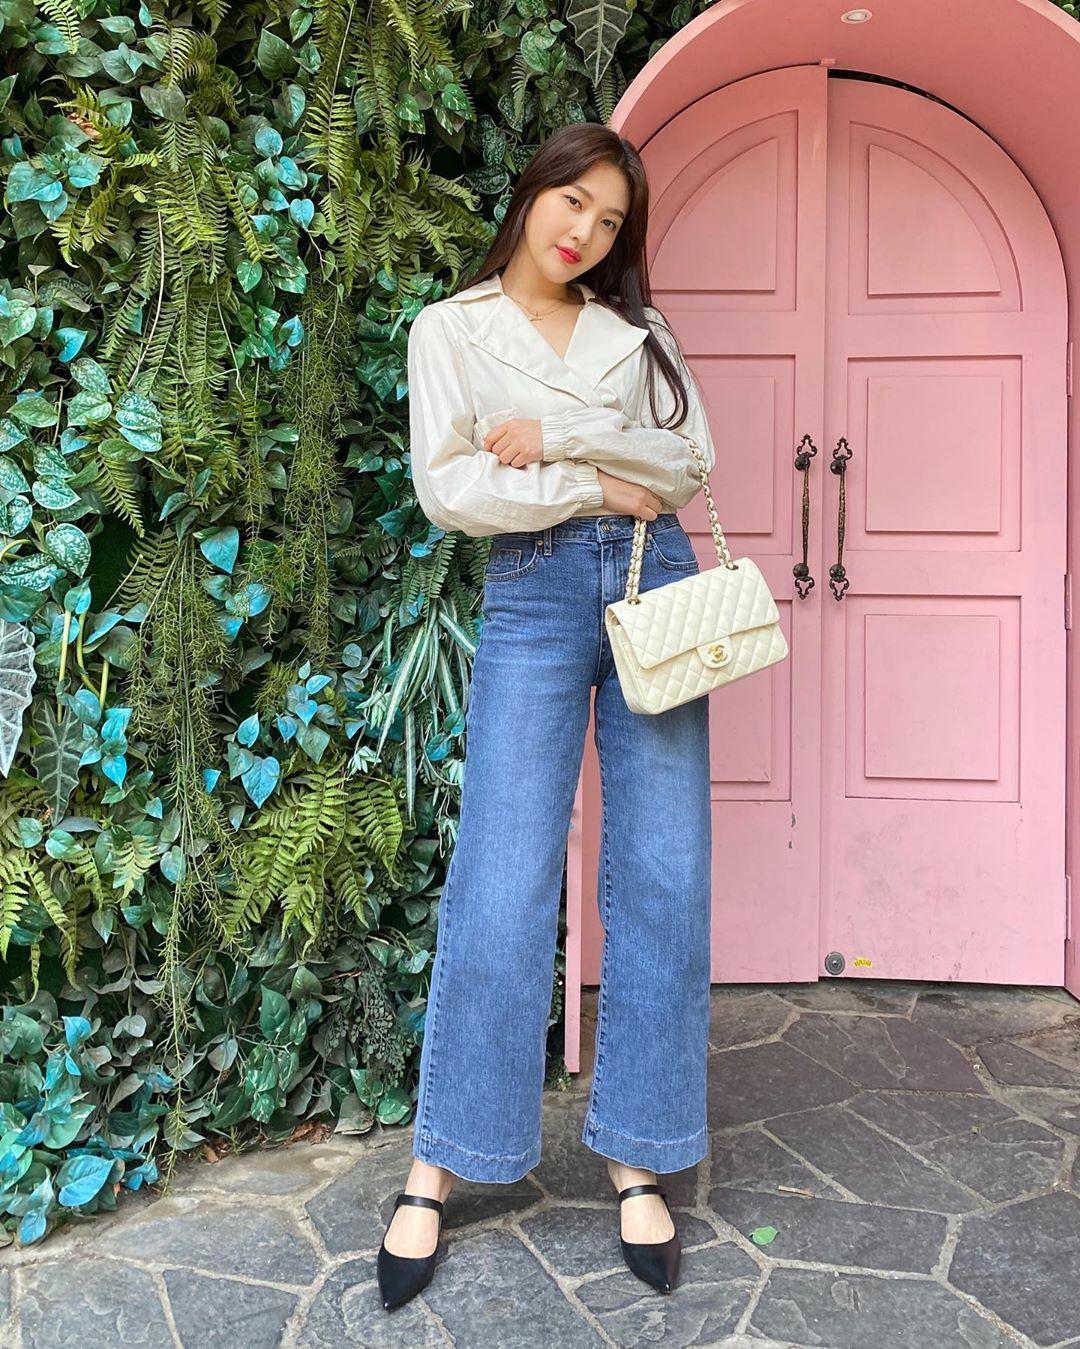 Joy mặc sơ mi trắng, quần jeans ống rộng, đeo túi Chanel